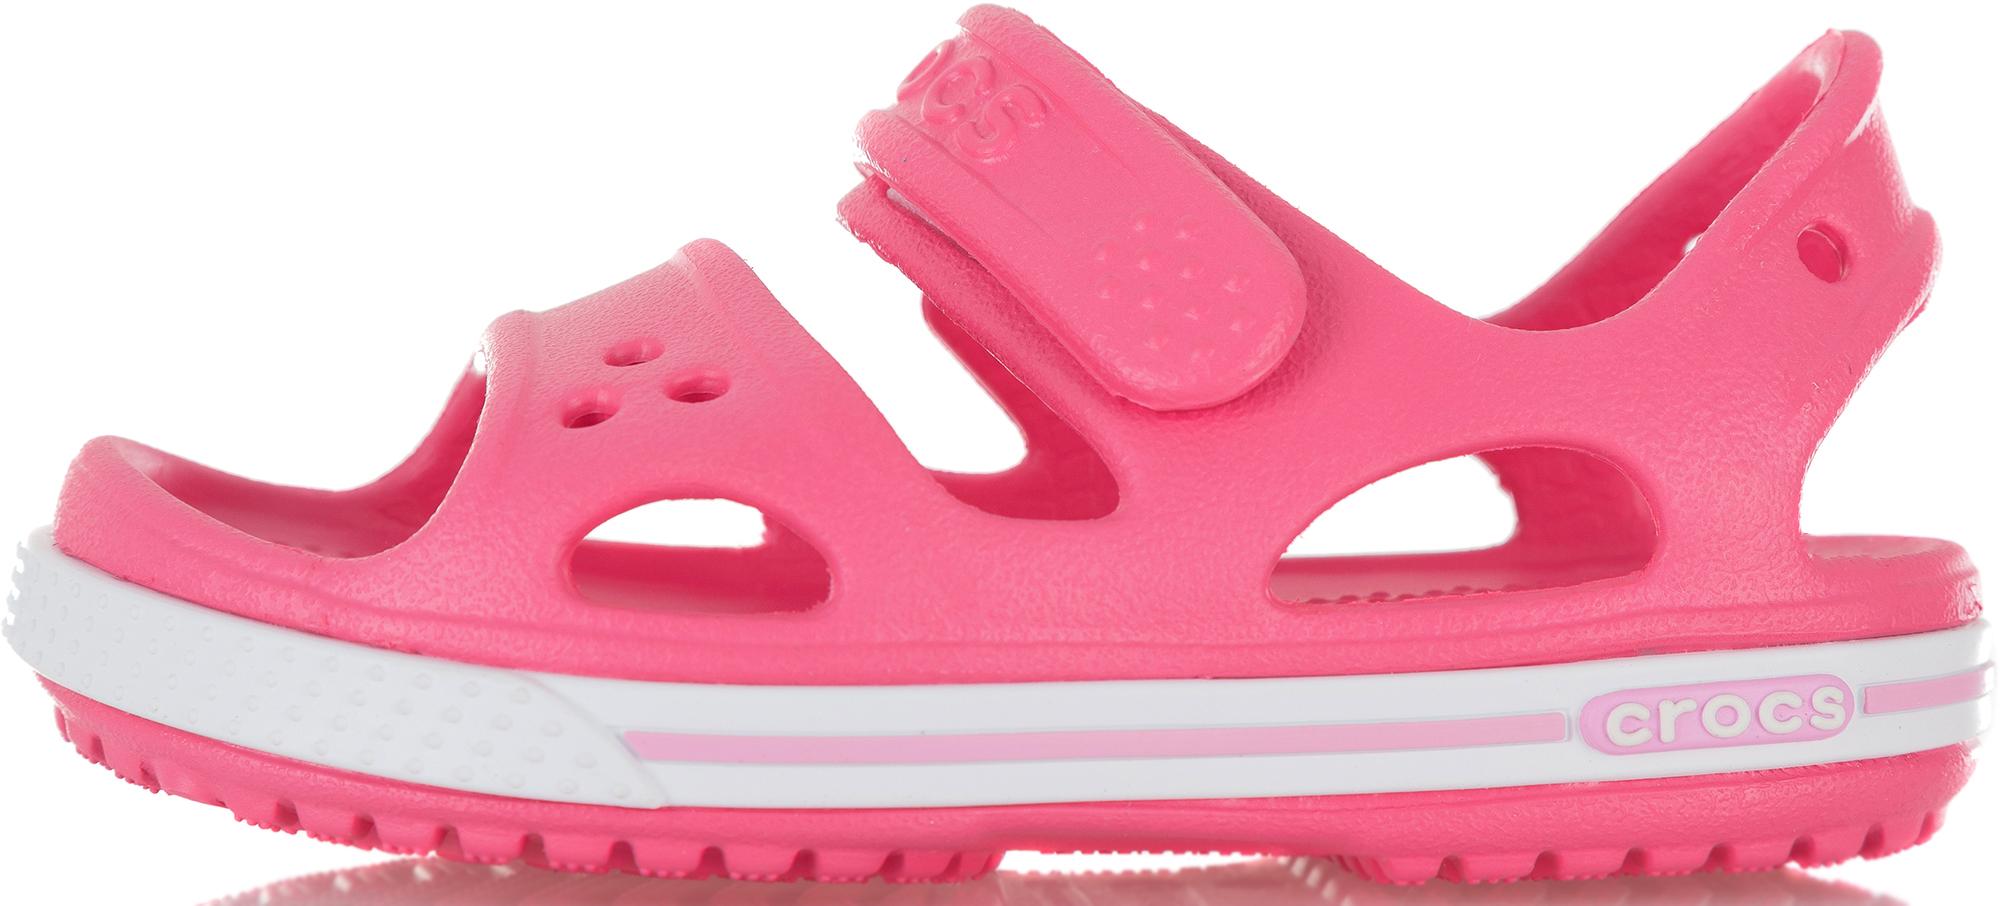 Crocs Сандалии для девочек Crocband II, размер 30